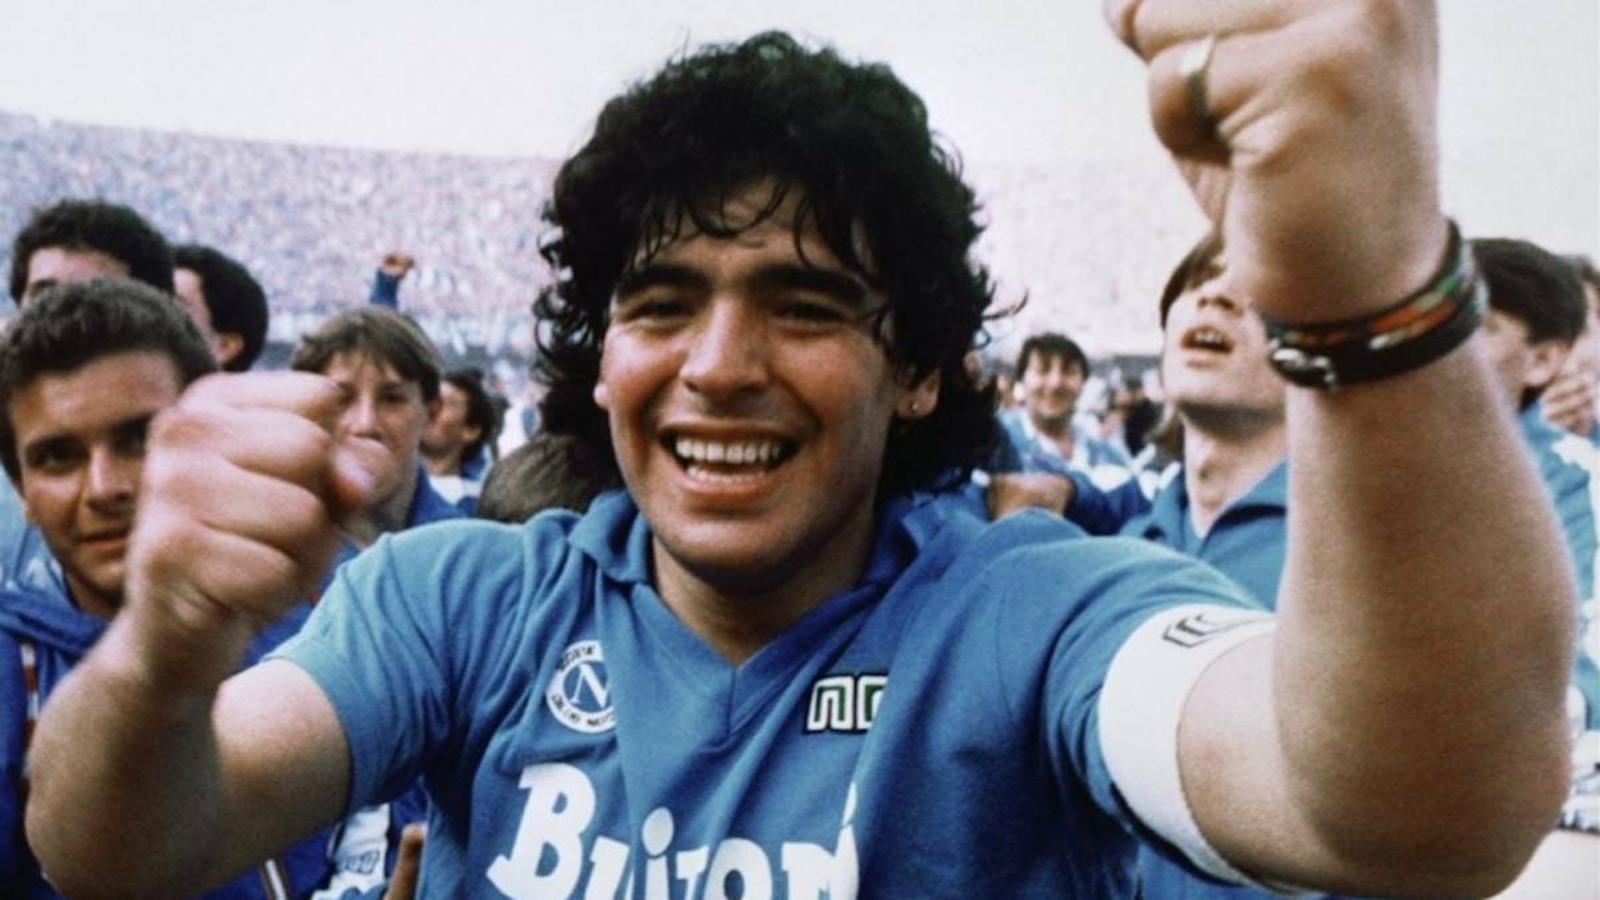 'Diego Maradona', retrat de l'apogeu i caiguda d'un home devorat pel seu propi mite